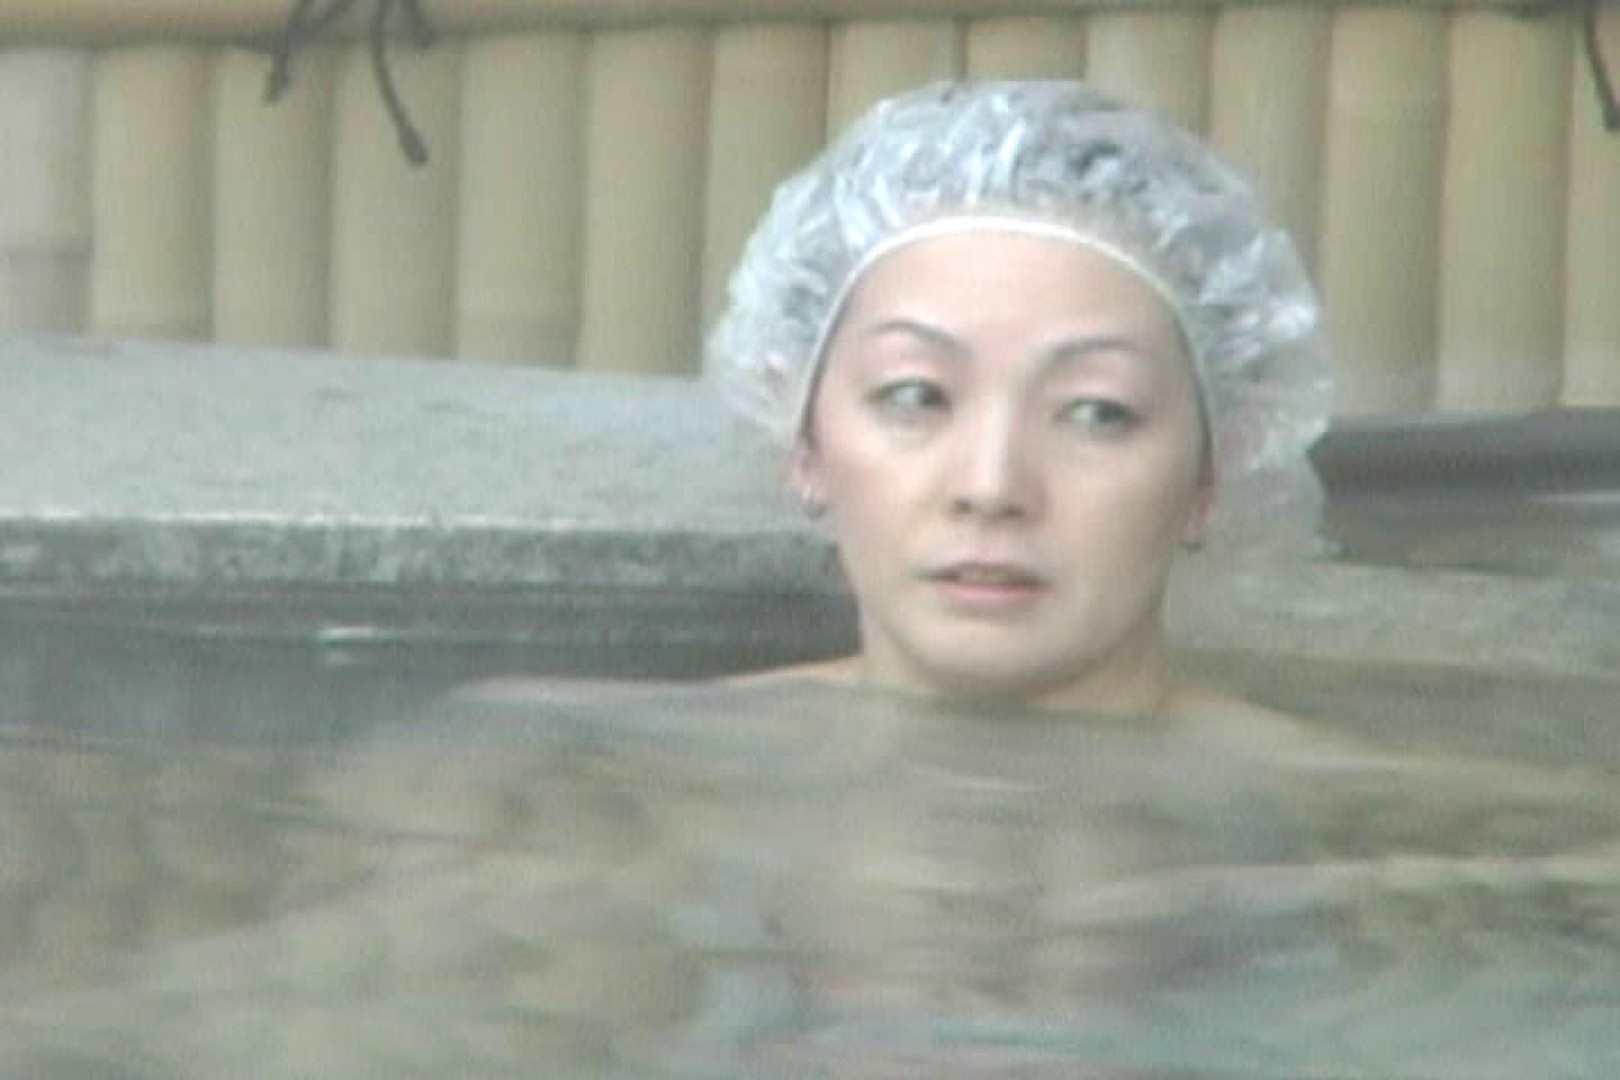 Aquaな露天風呂Vol.592 盗撮師作品 | 美しいOLの裸体  91pic 40